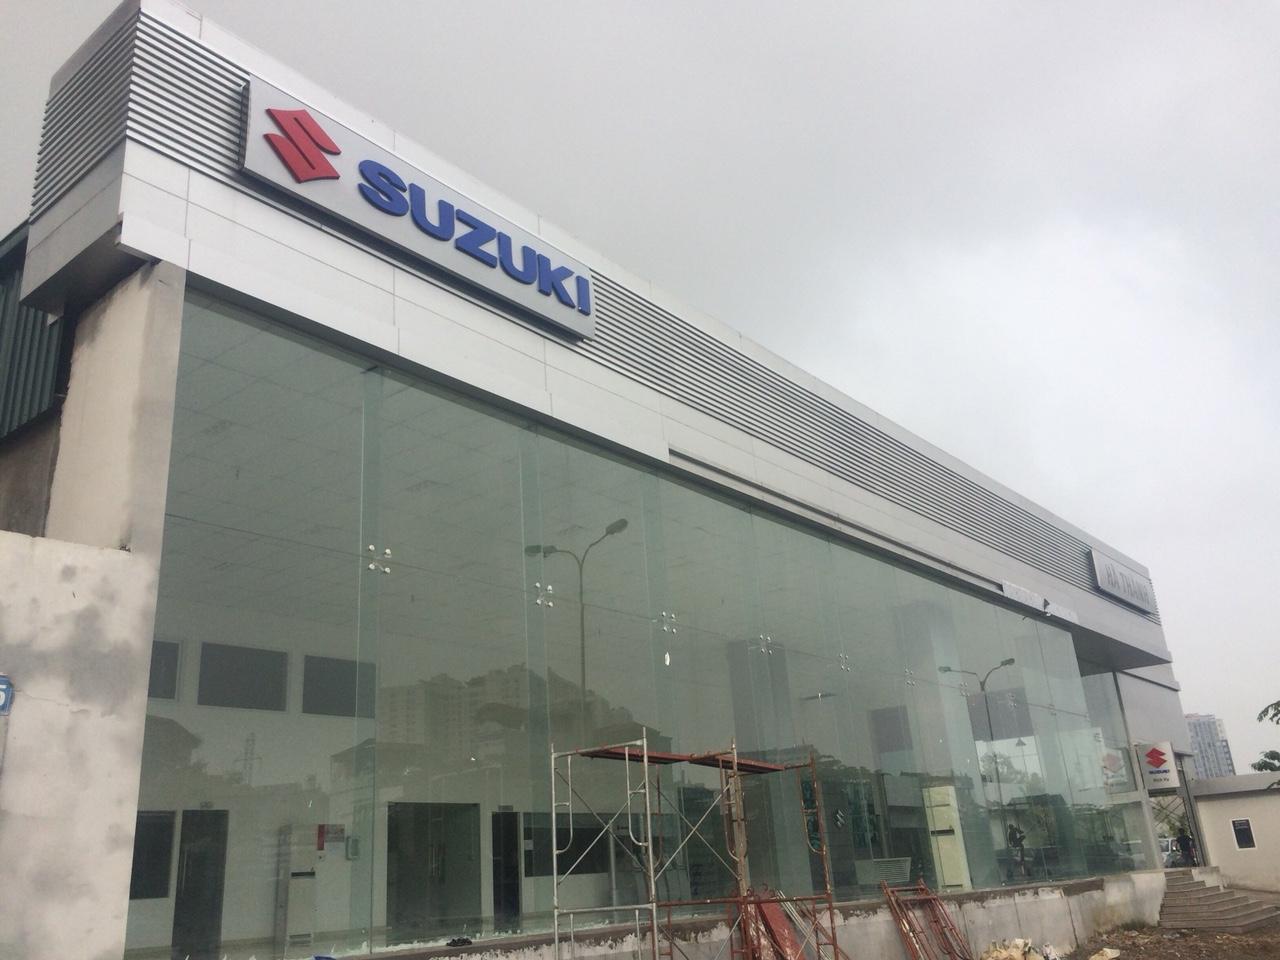 suzuki hà thành